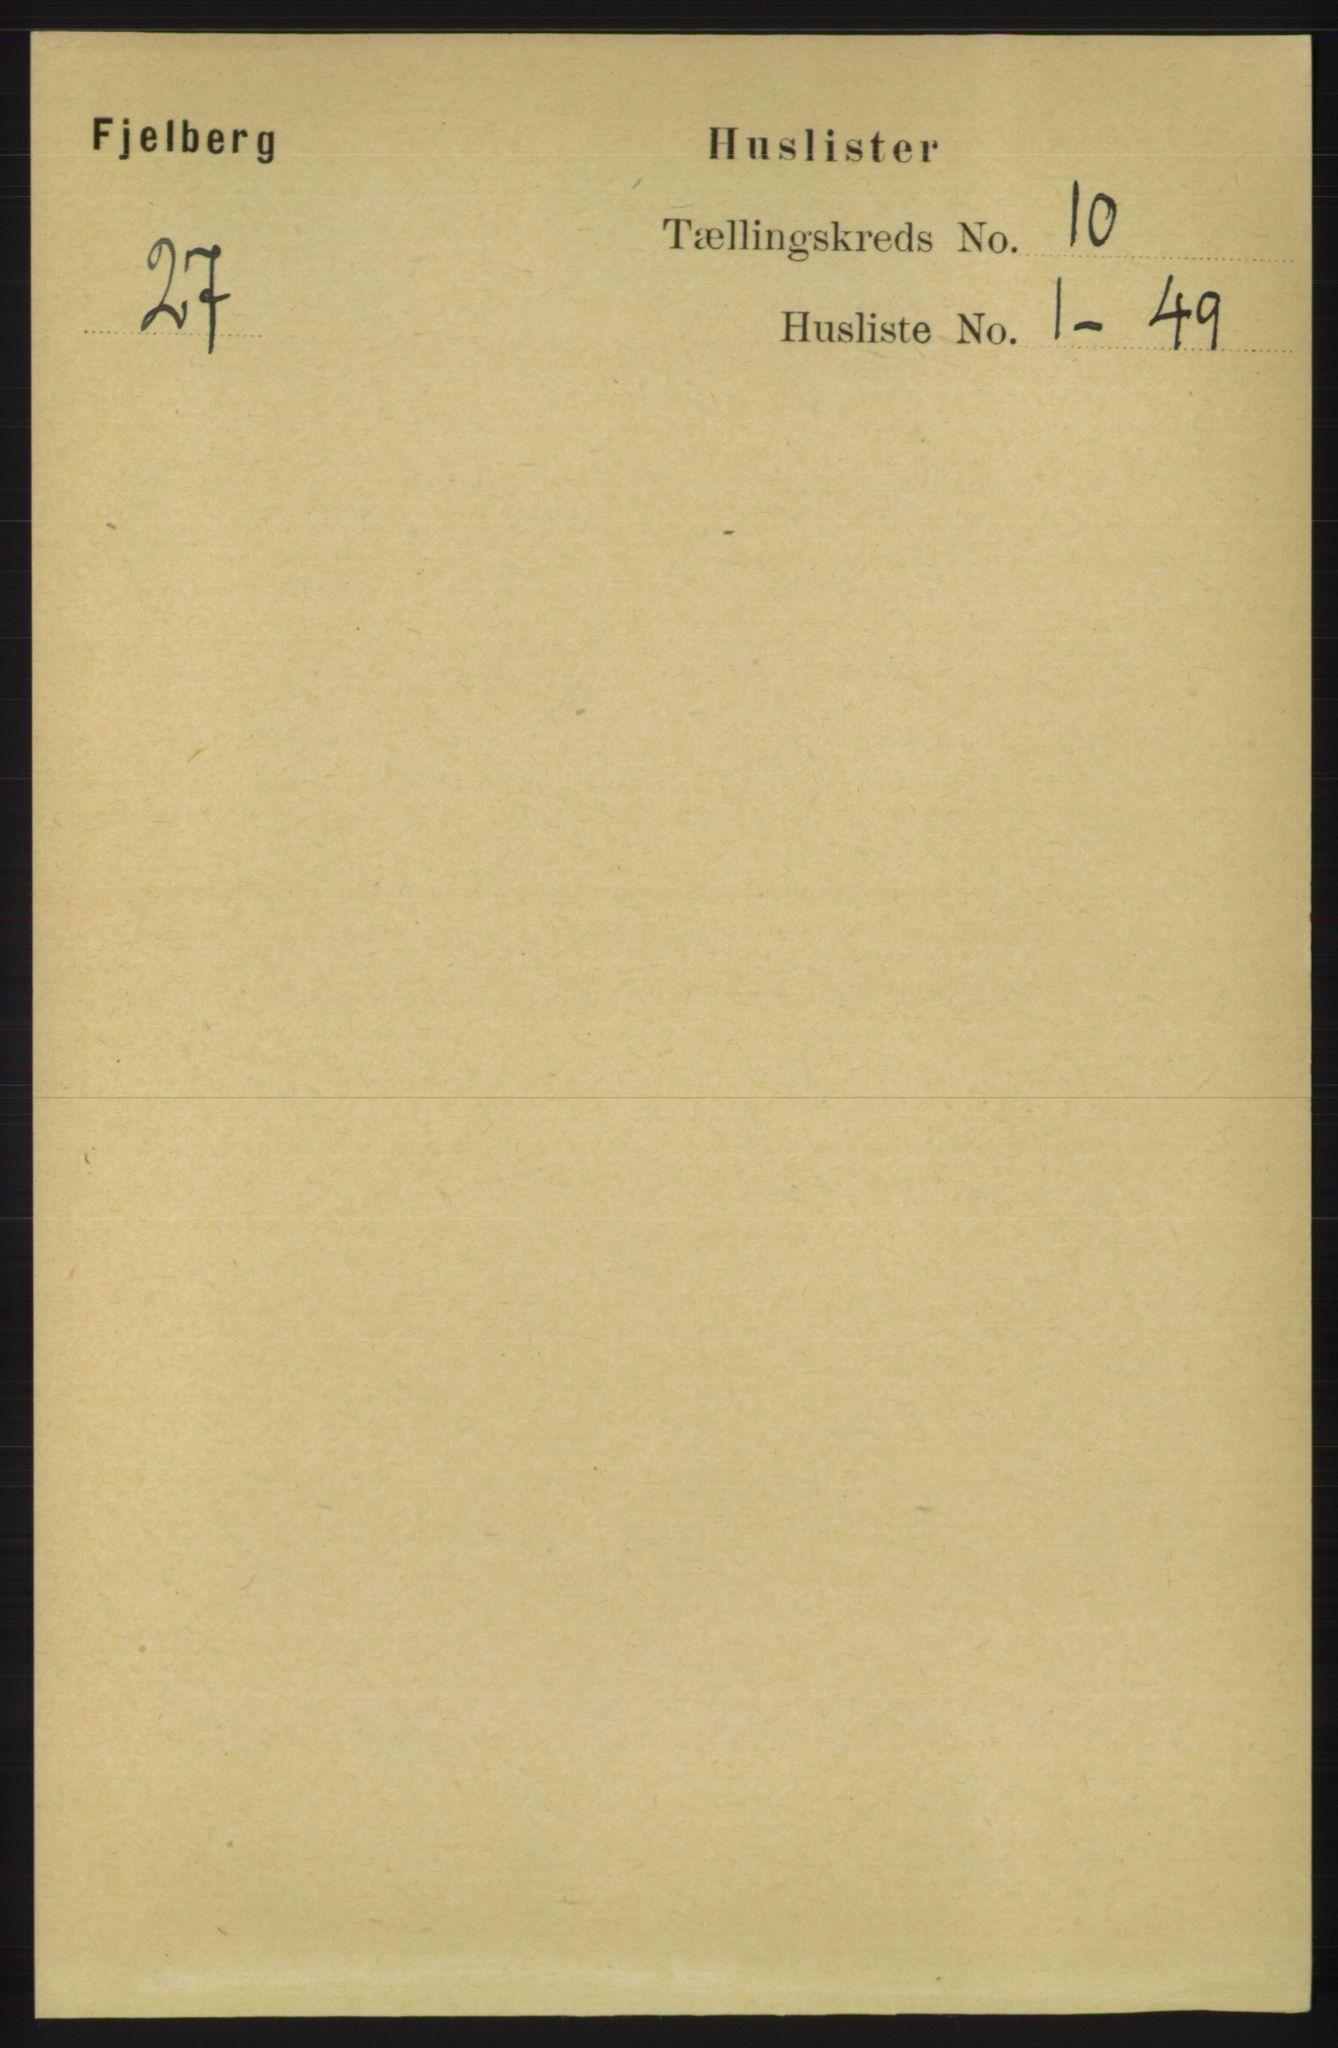 RA, Folketelling 1891 for 1213 Fjelberg herred, 1891, s. 3734